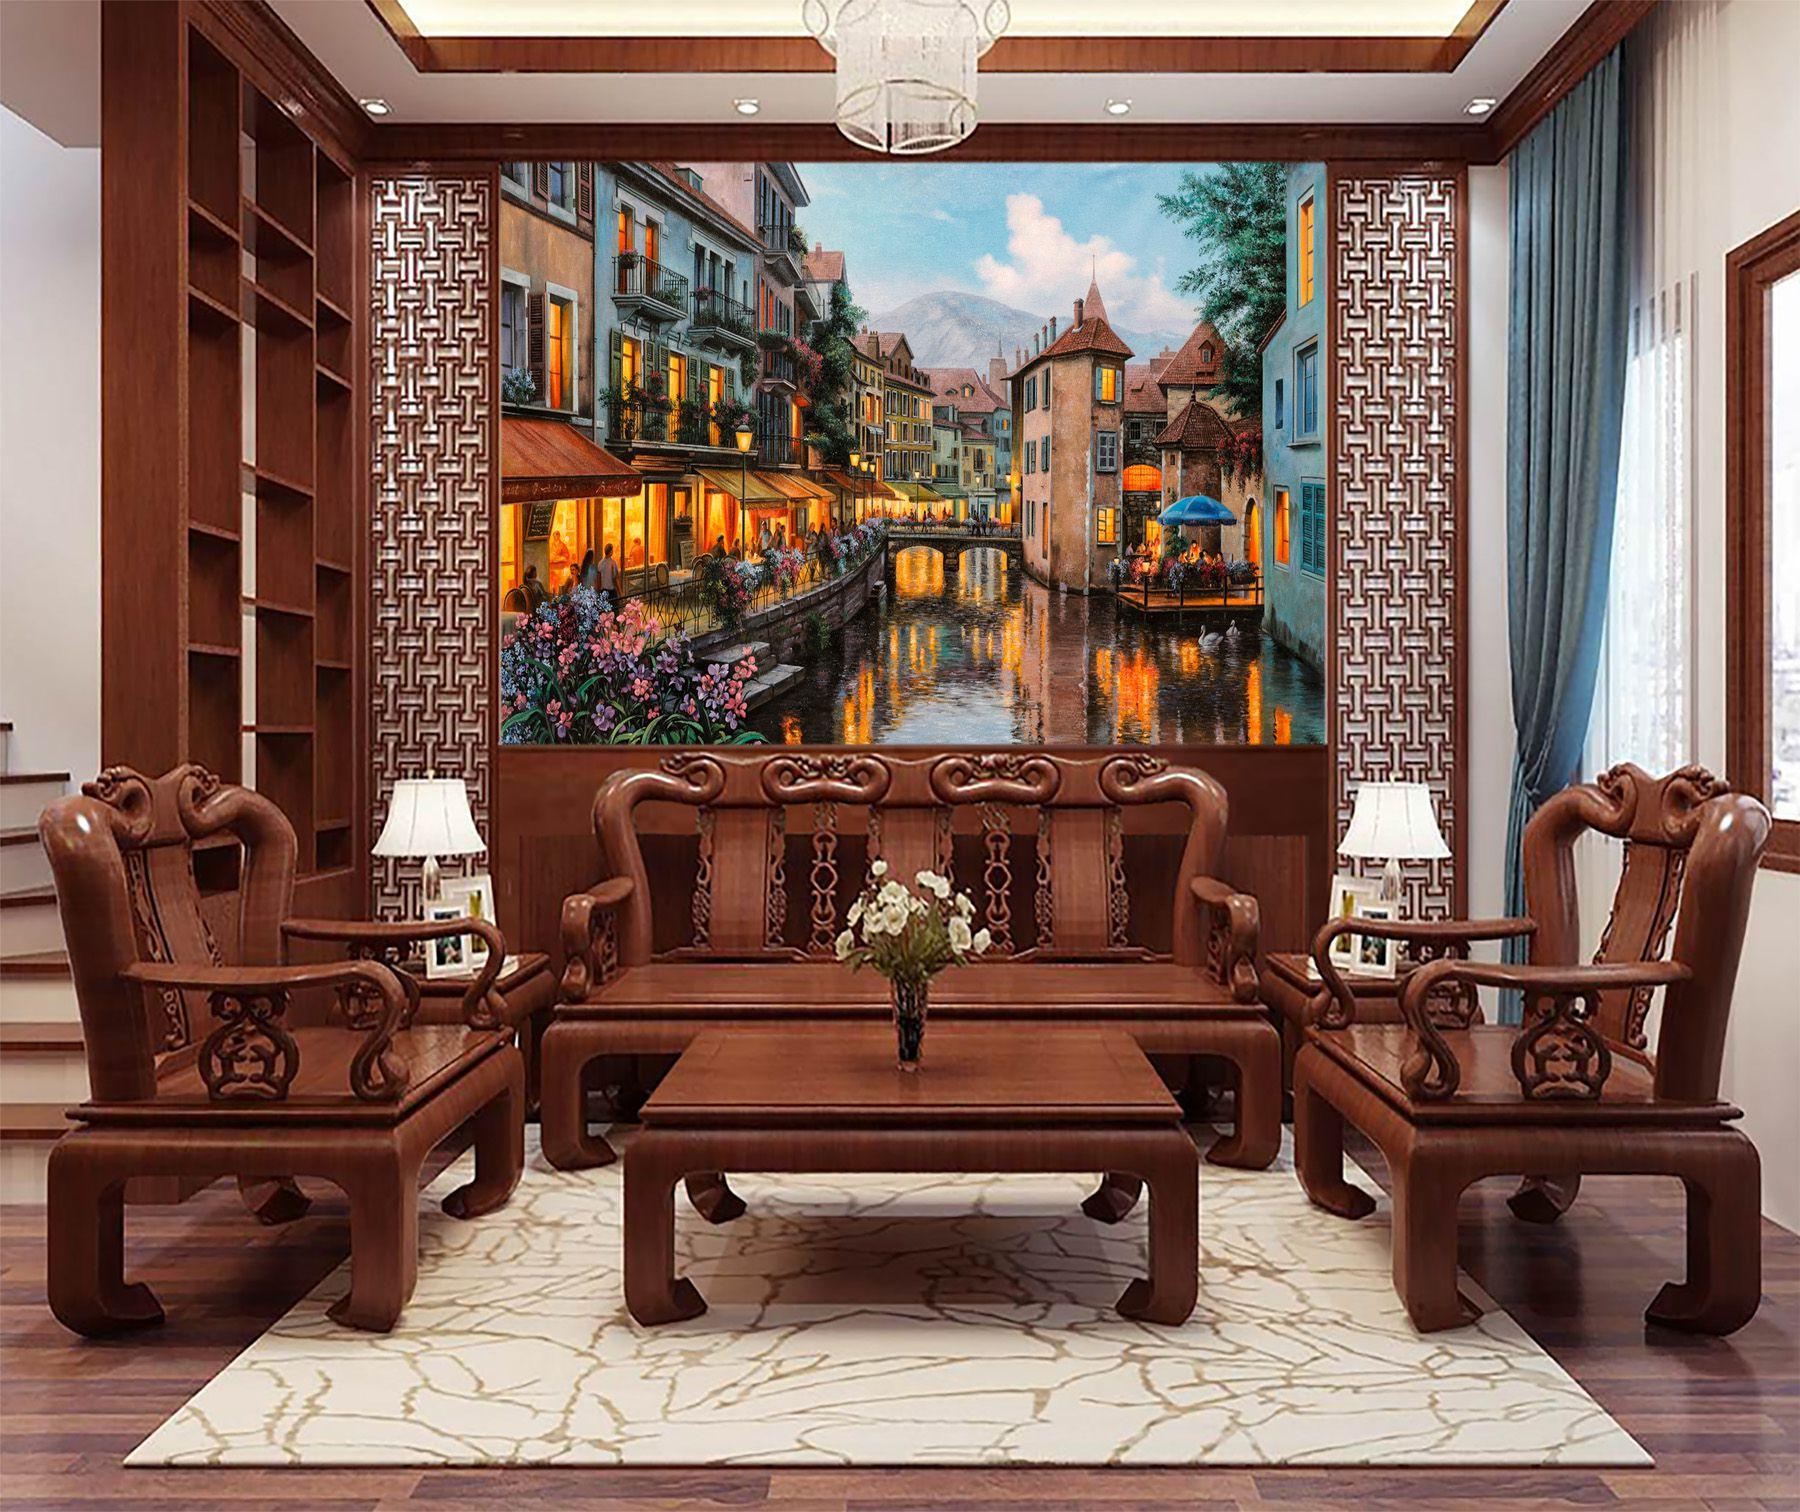 Tranh Châu Âu trong phòng khách Việt Nam